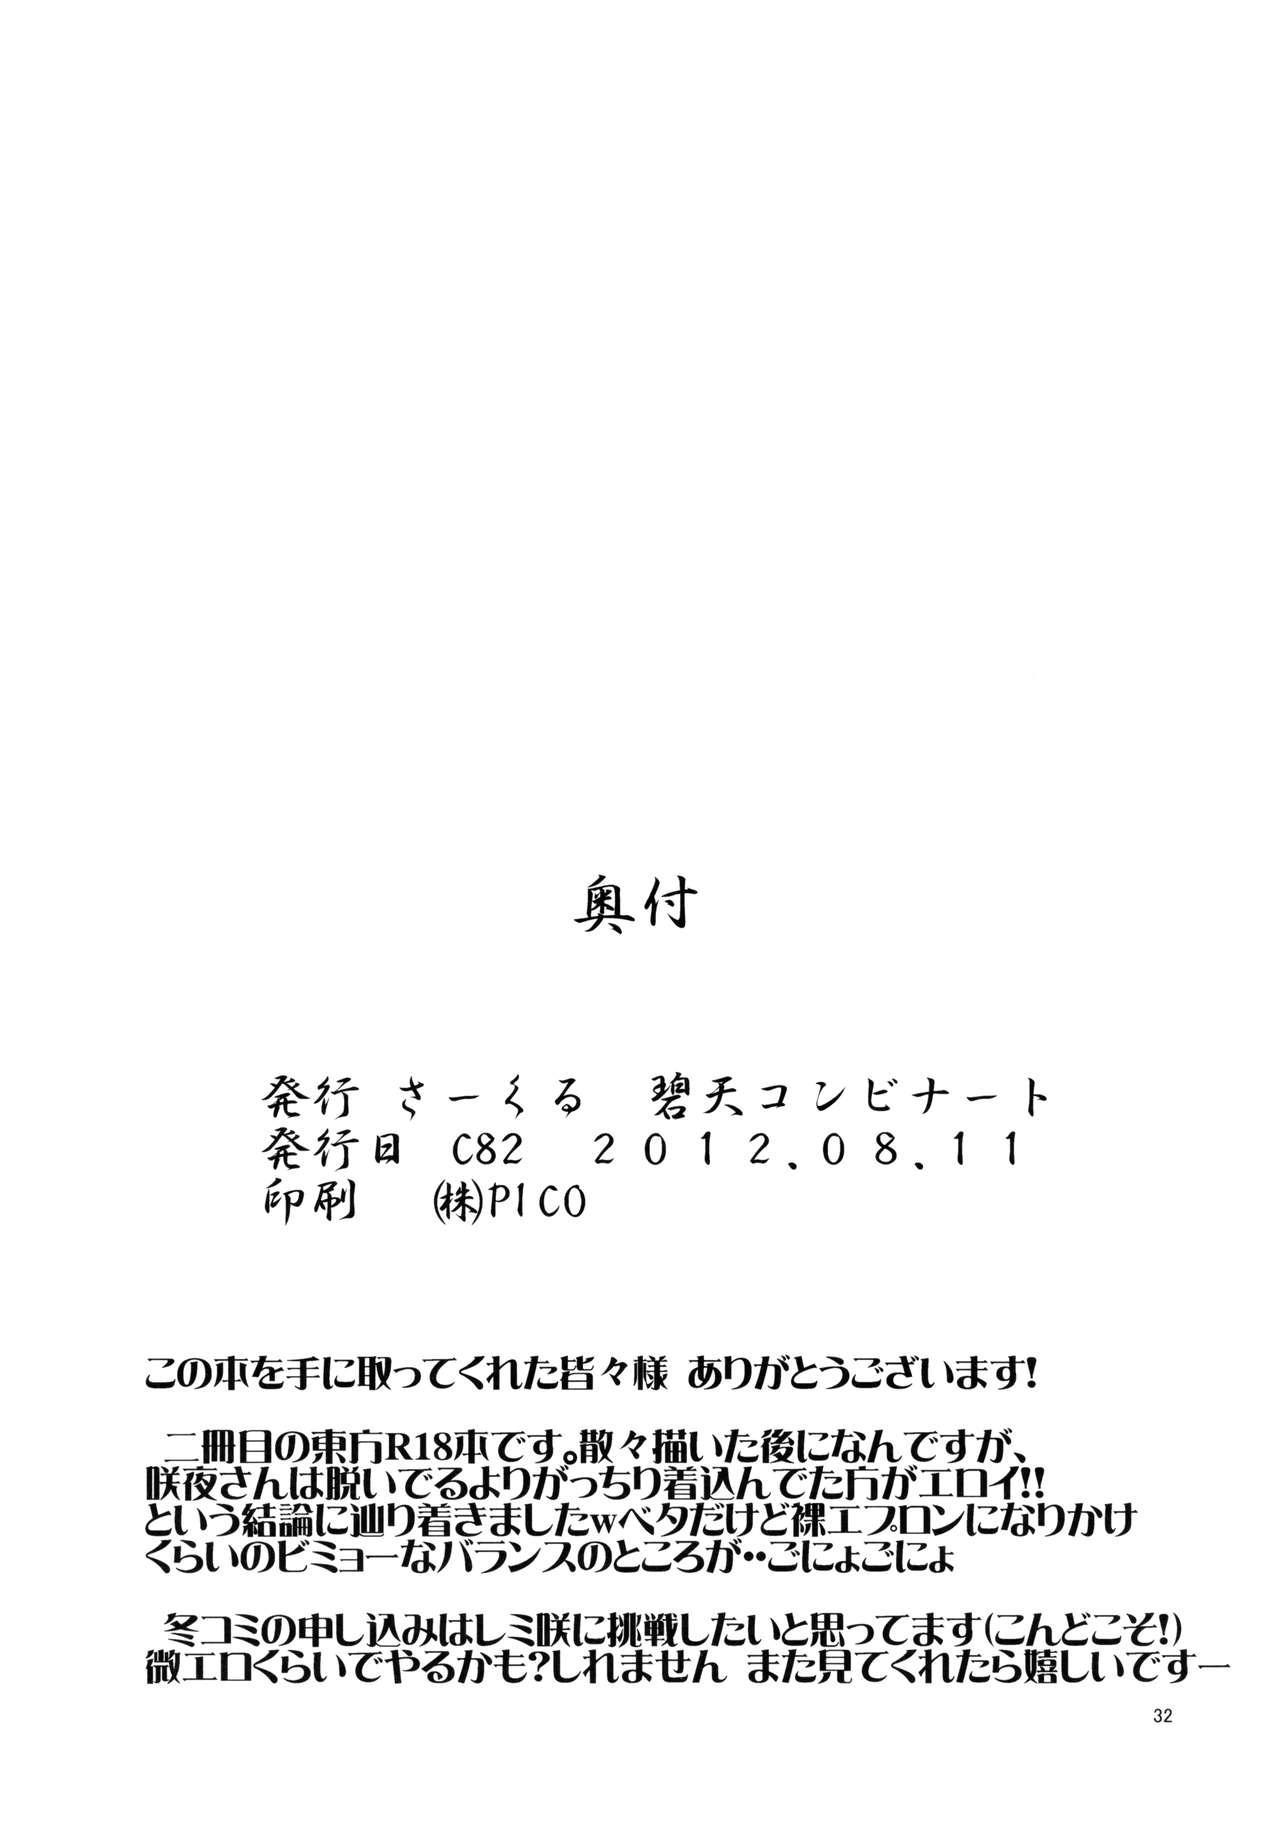 Taijuusha Suirouzubon Touhou Go Boss Juushagumi 28